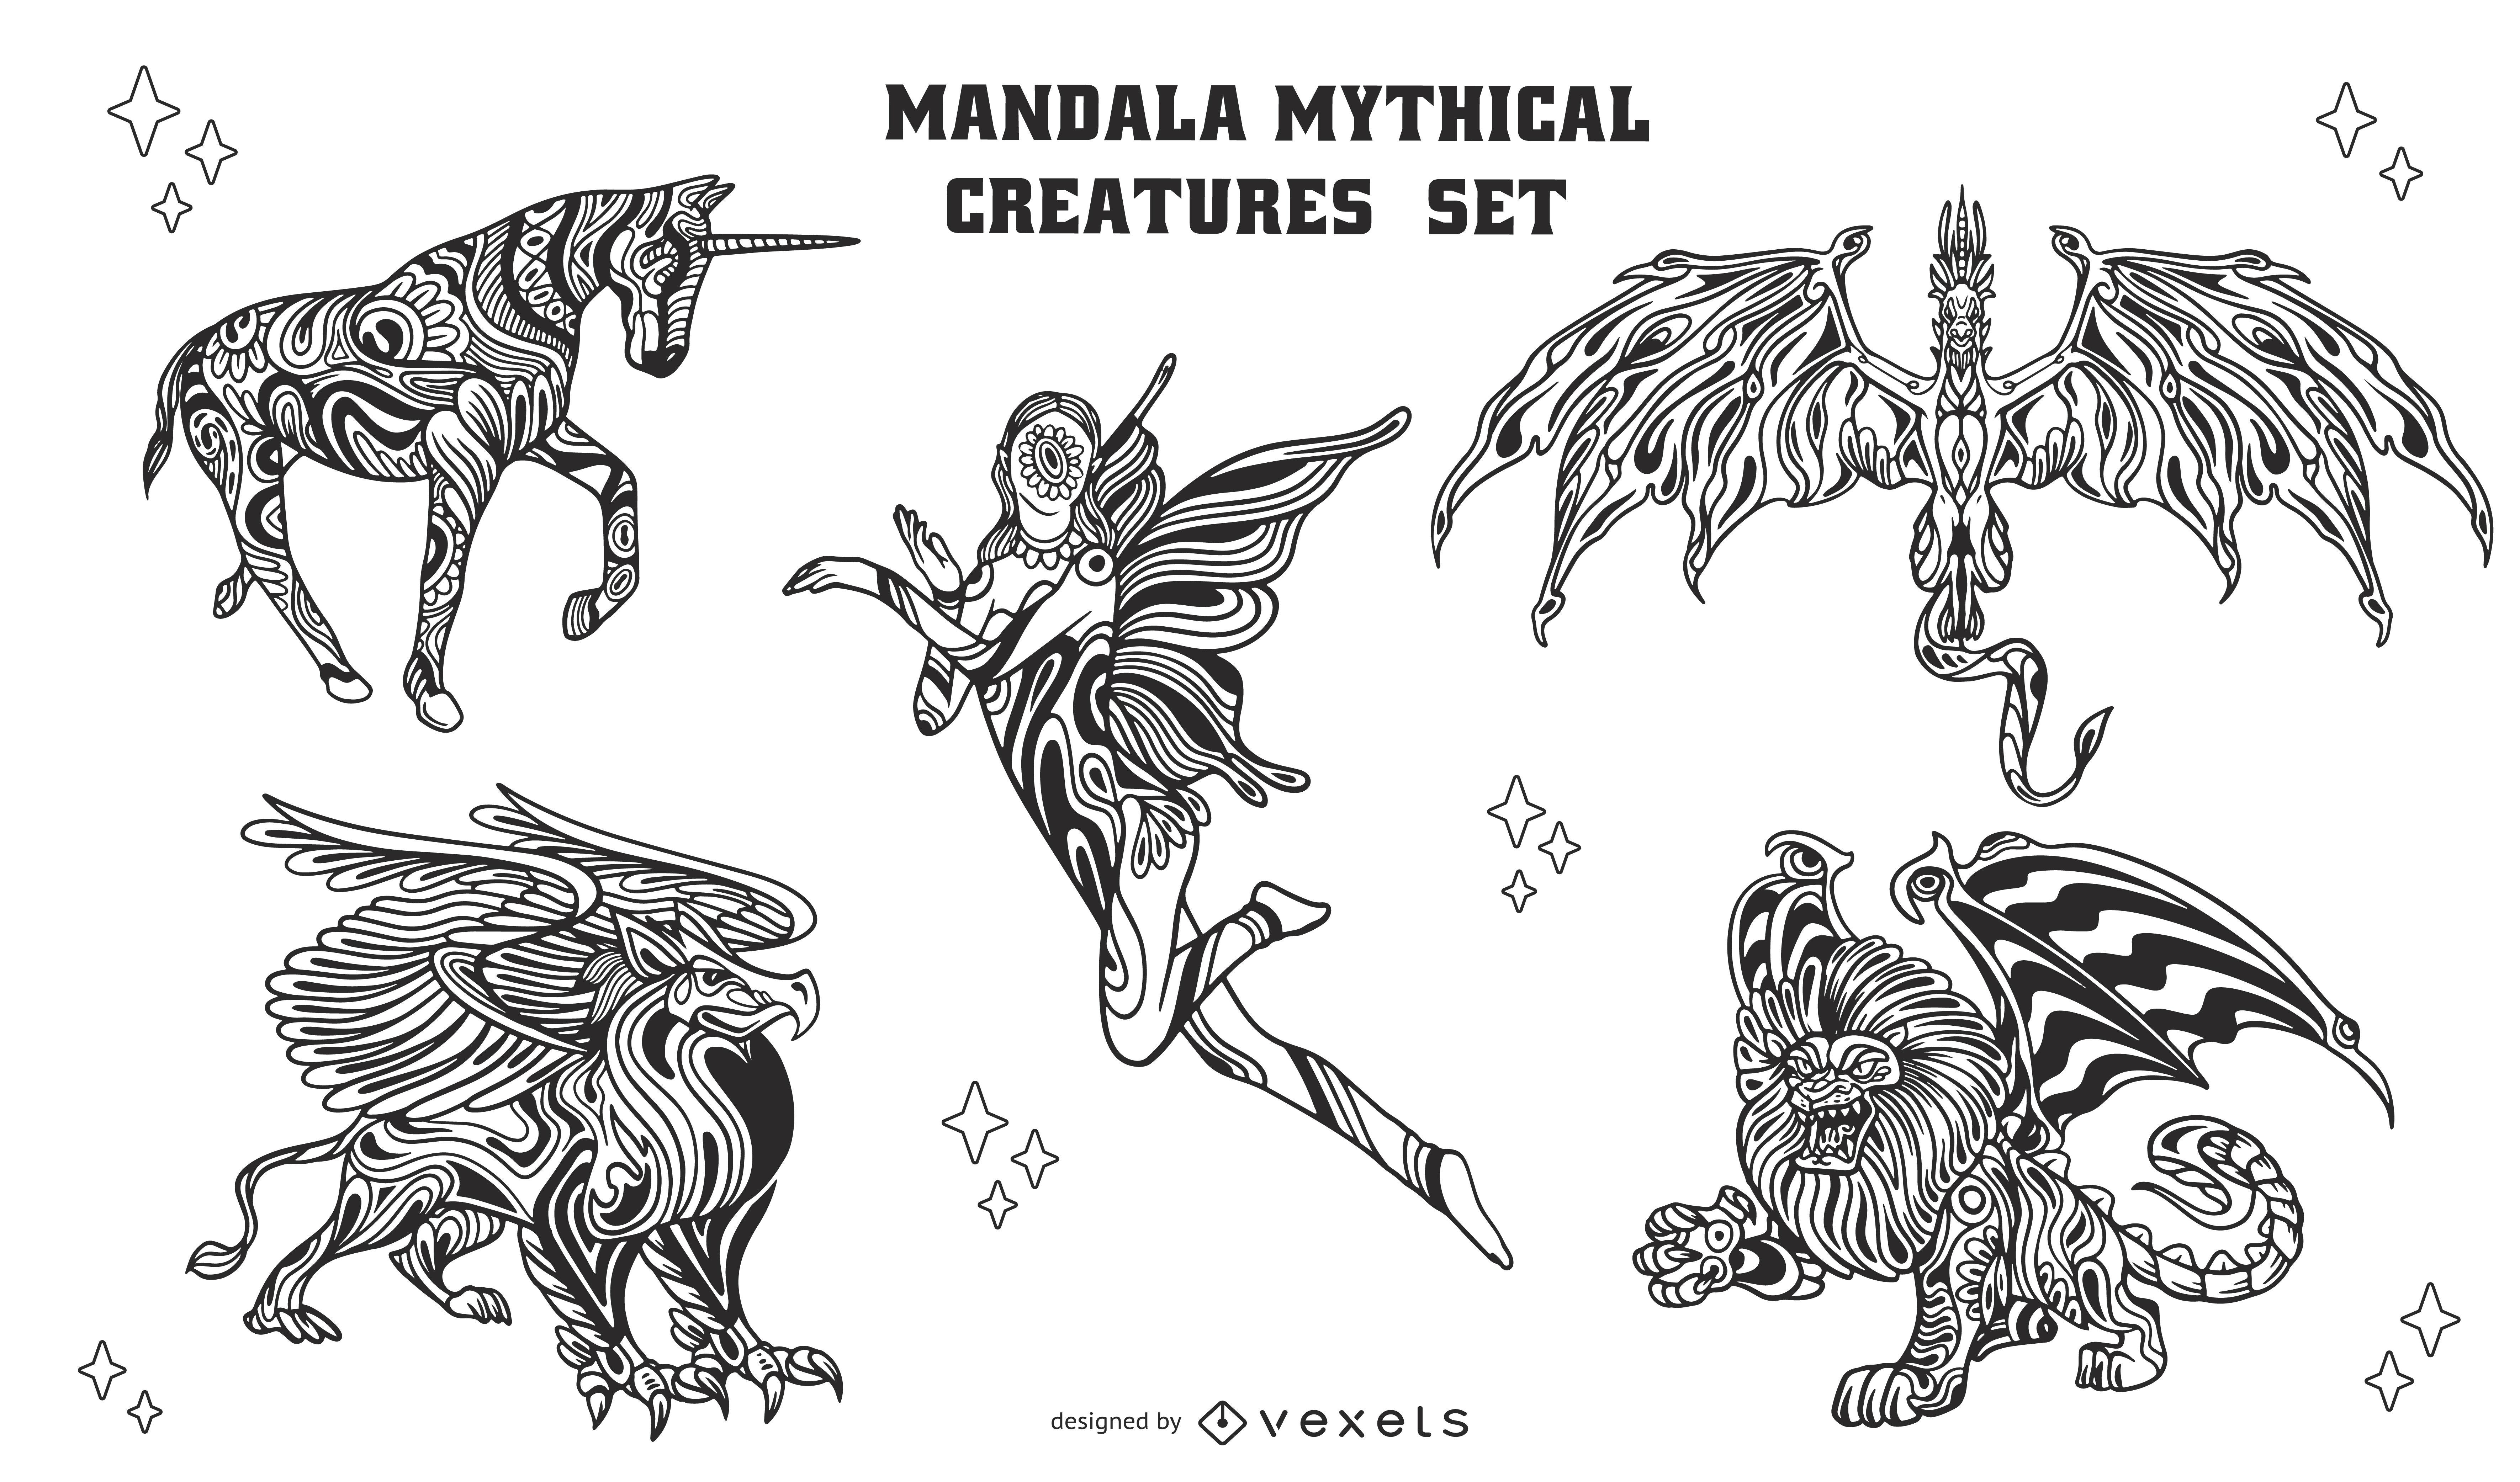 Conjunto de criaturas m?ticas de mandala legais